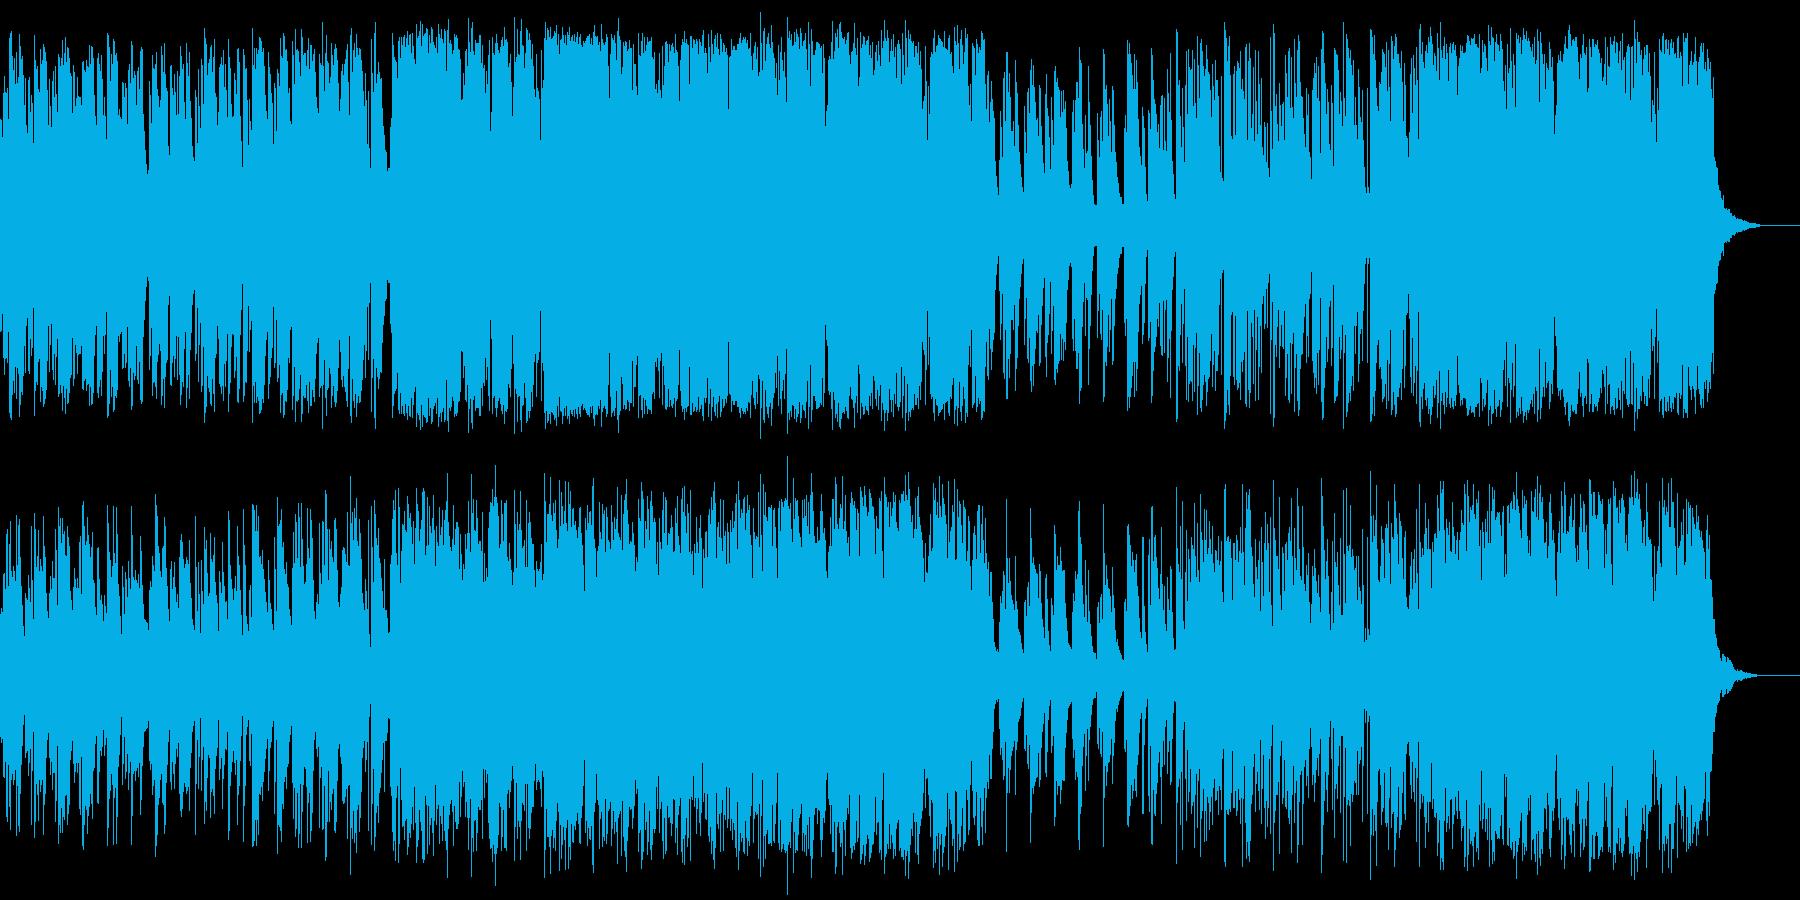 悲しく哀愁感のあるスローバラードの再生済みの波形